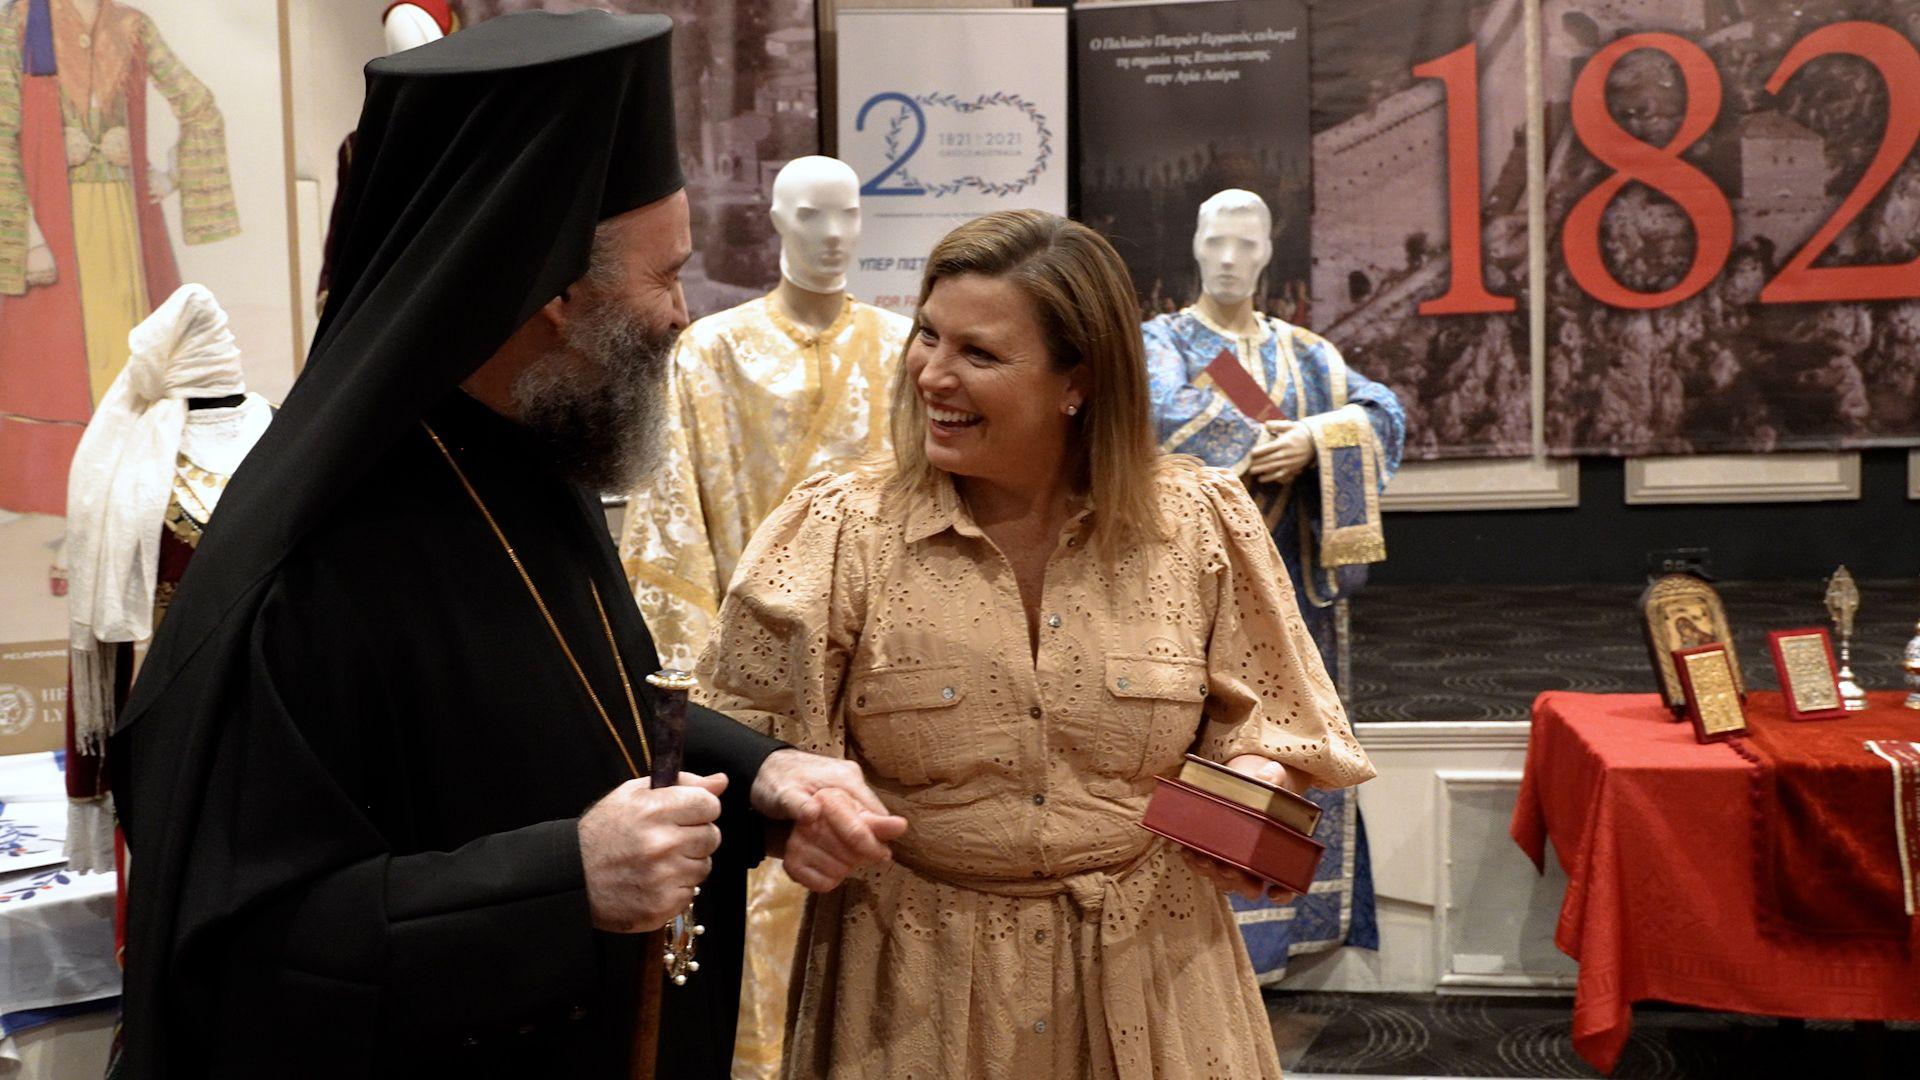 Ο Αρχιεπίσκοπος Μακάριος παρουσιάζει στη Τζένη Μόρισον ένα αντίγραφο του Ευαγγελίου της Ελληνικής Επανάστασης